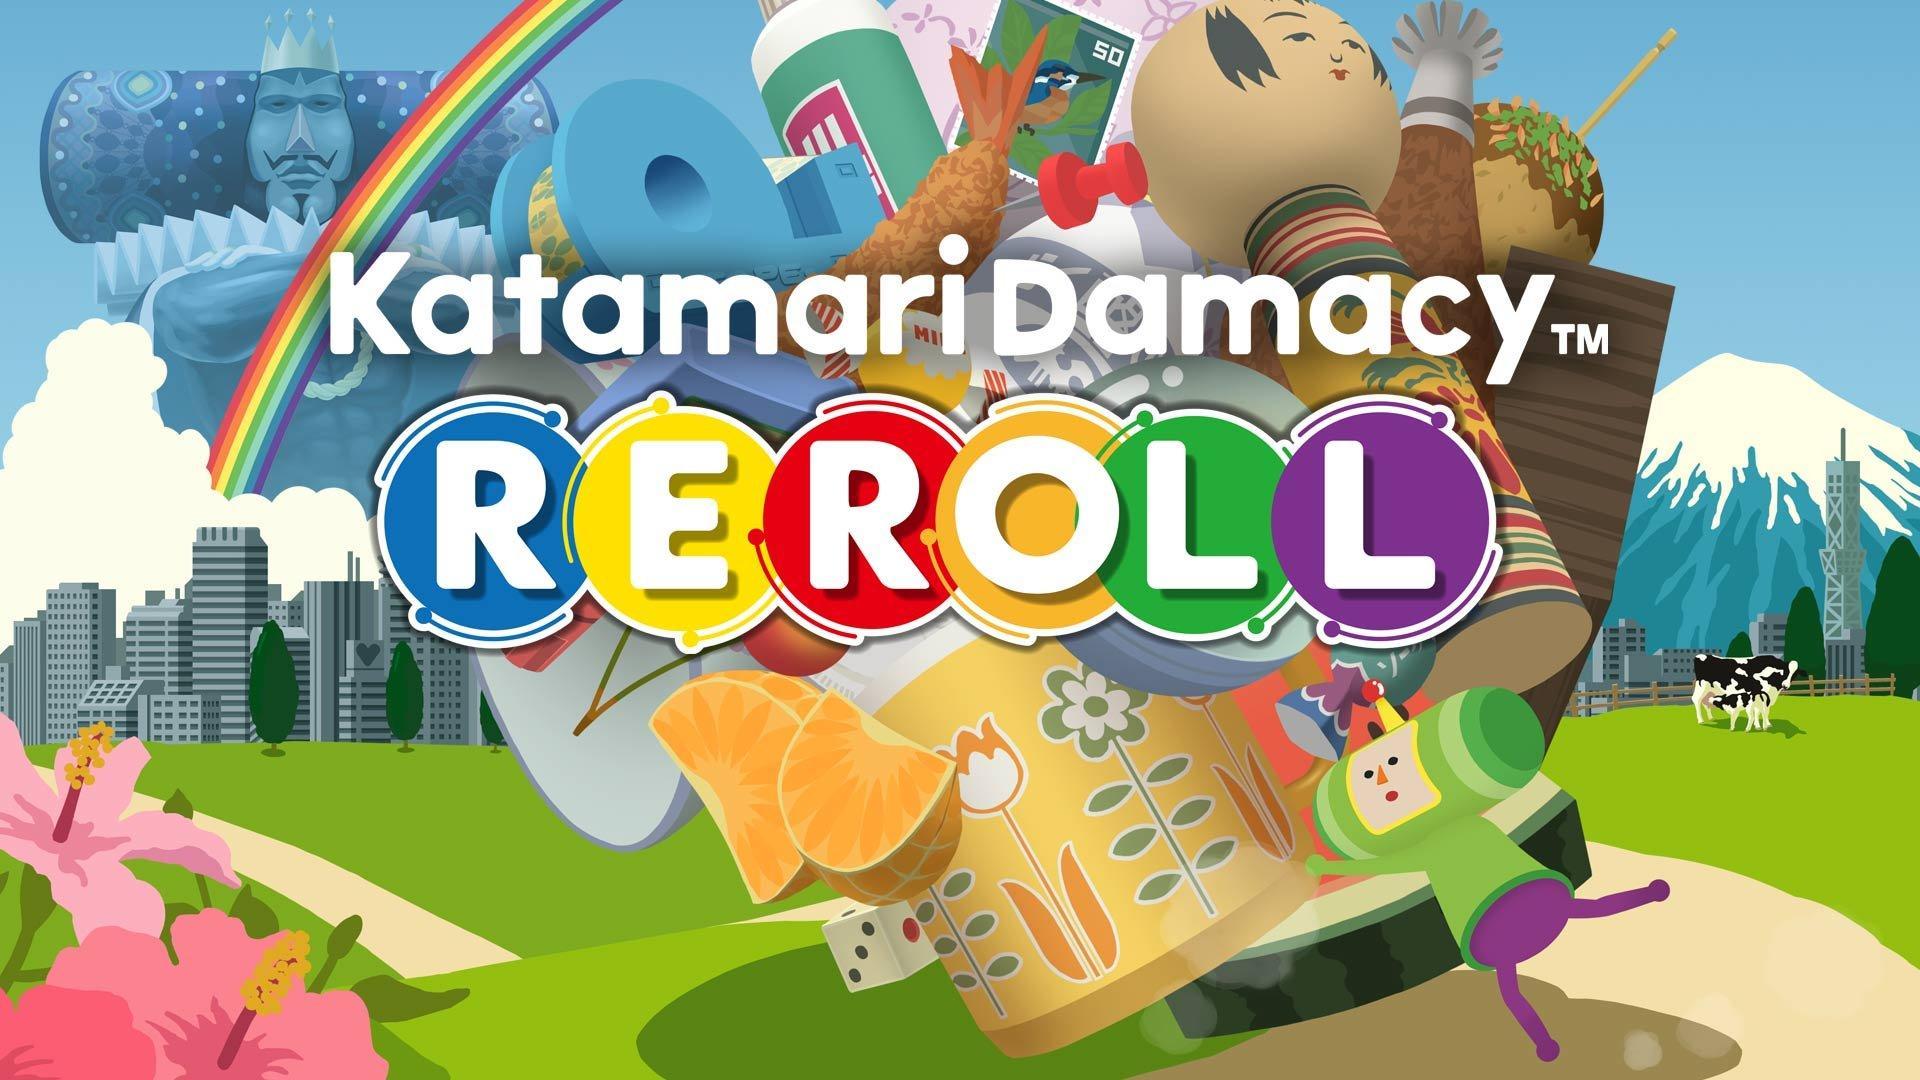 Katamari-Damacy-REROLL